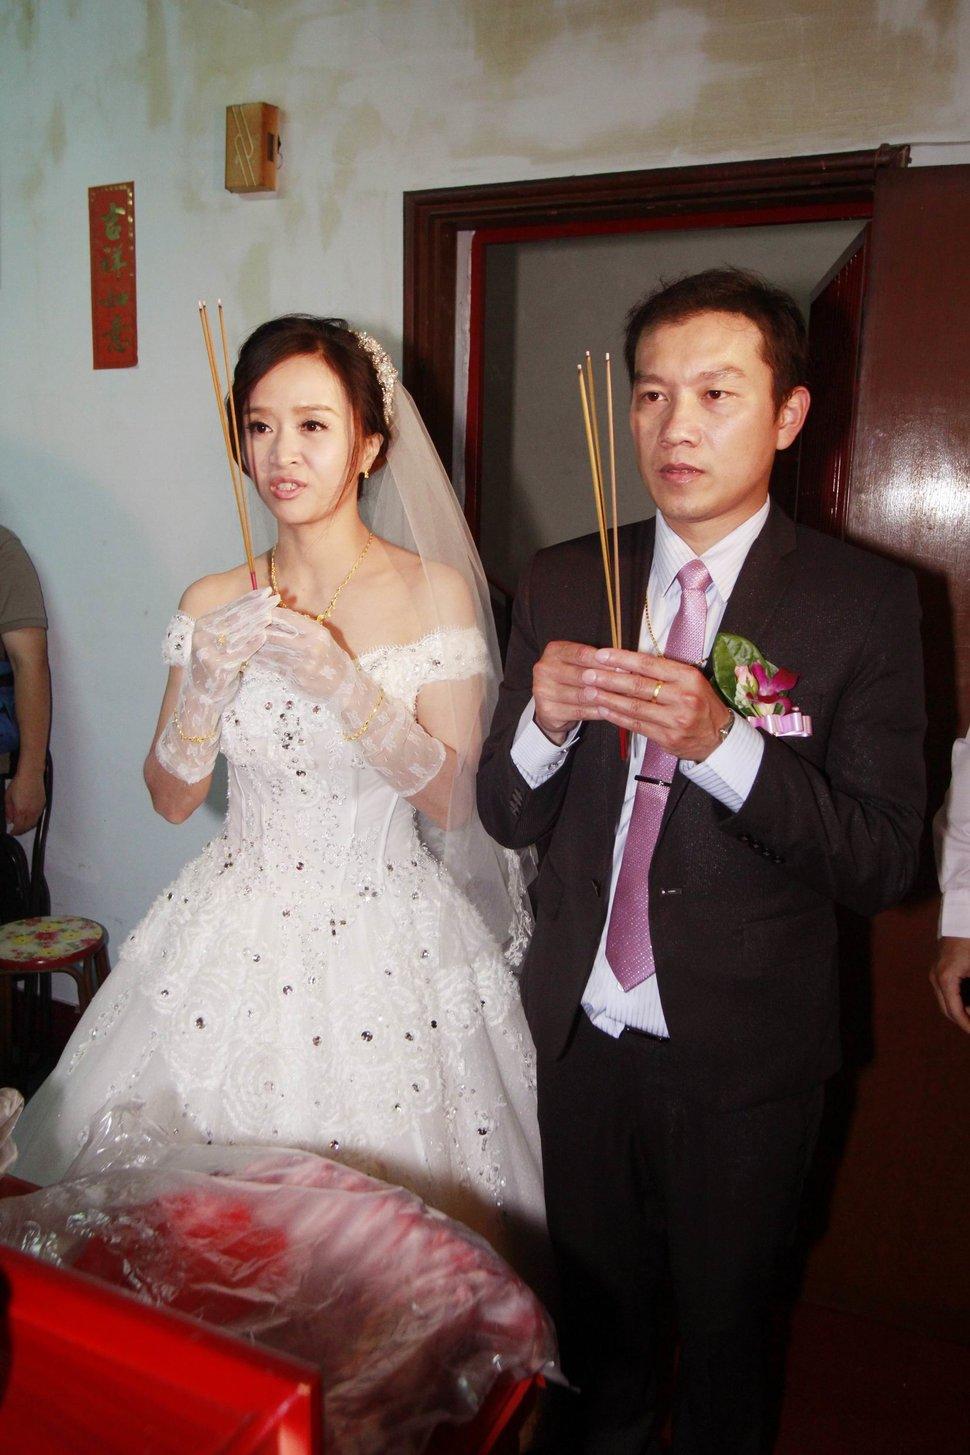 永和易牙居婚宴廣場宴會廳婚婚禮記錄結婚迎娶婚禮記錄動態微電影錄影專業錄影平面攝影婚攝婚禮(編號:213009) - 蜜月拍照10800錄影12800攝影團隊 - 結婚吧